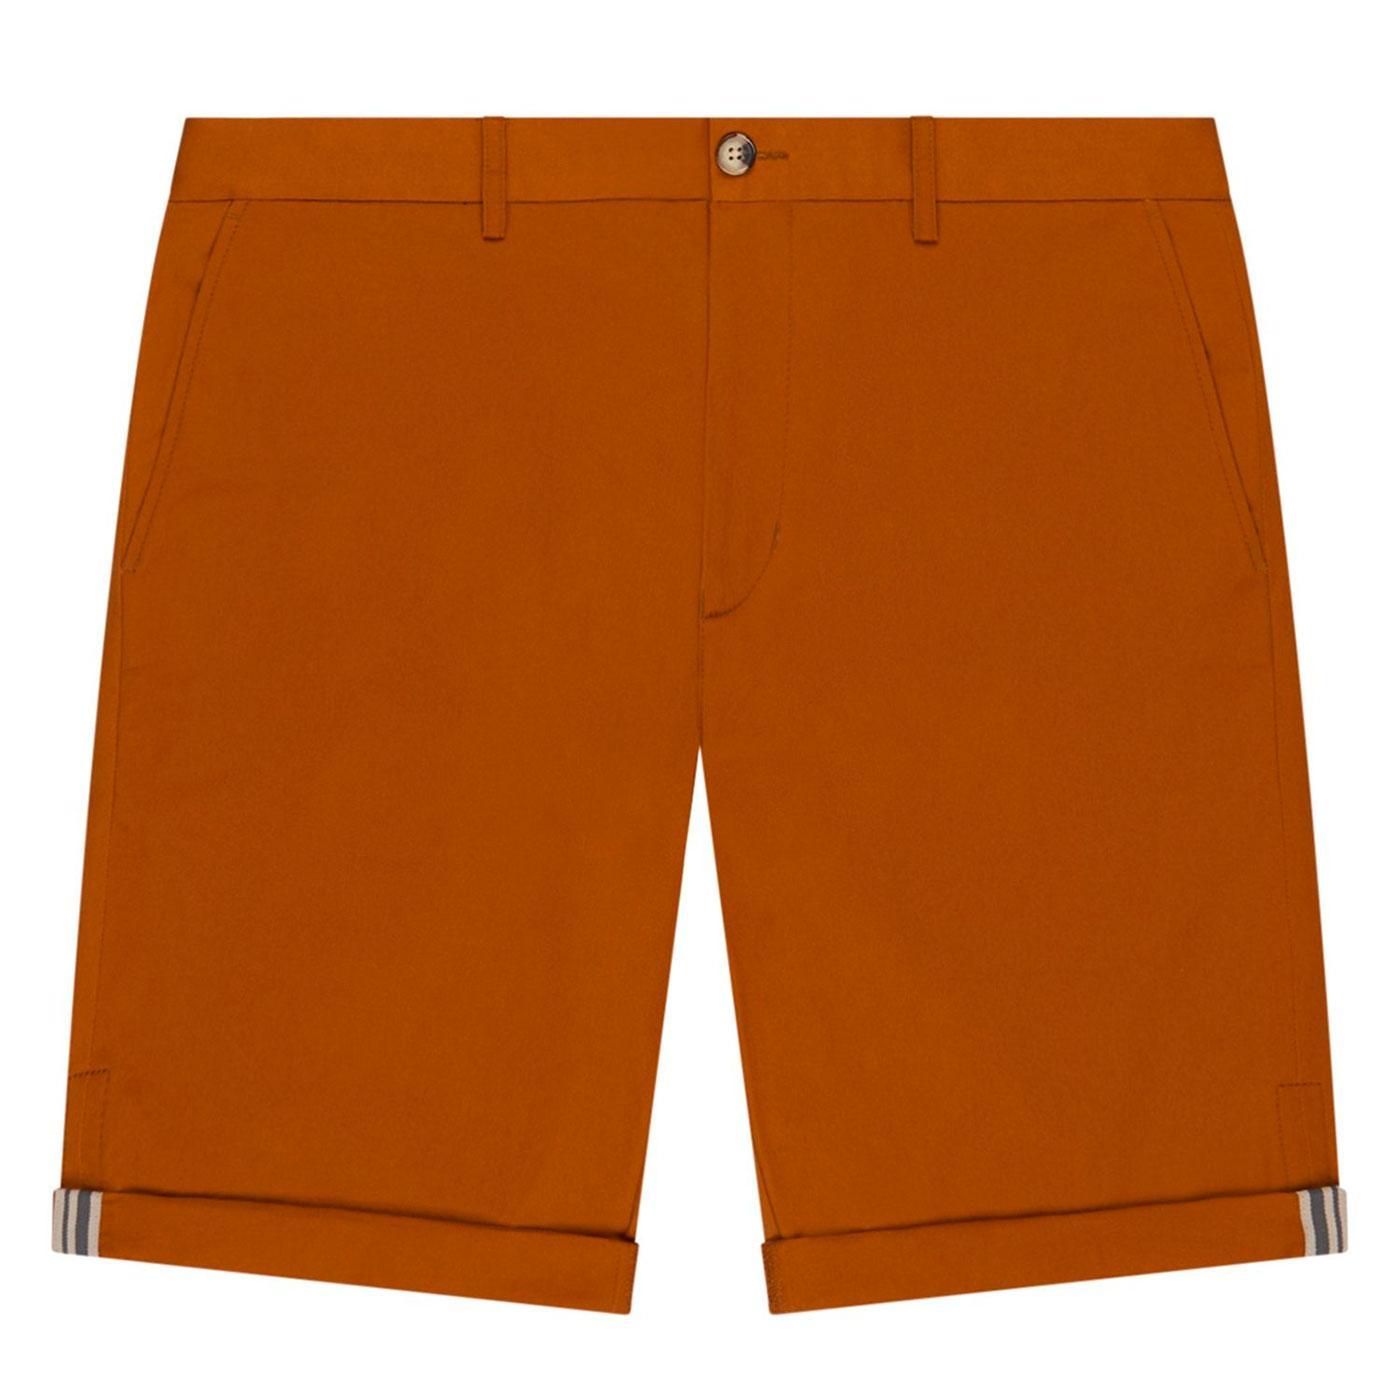 BEN SHERMAN Men's Retro Mod Chino Shorts in Tan